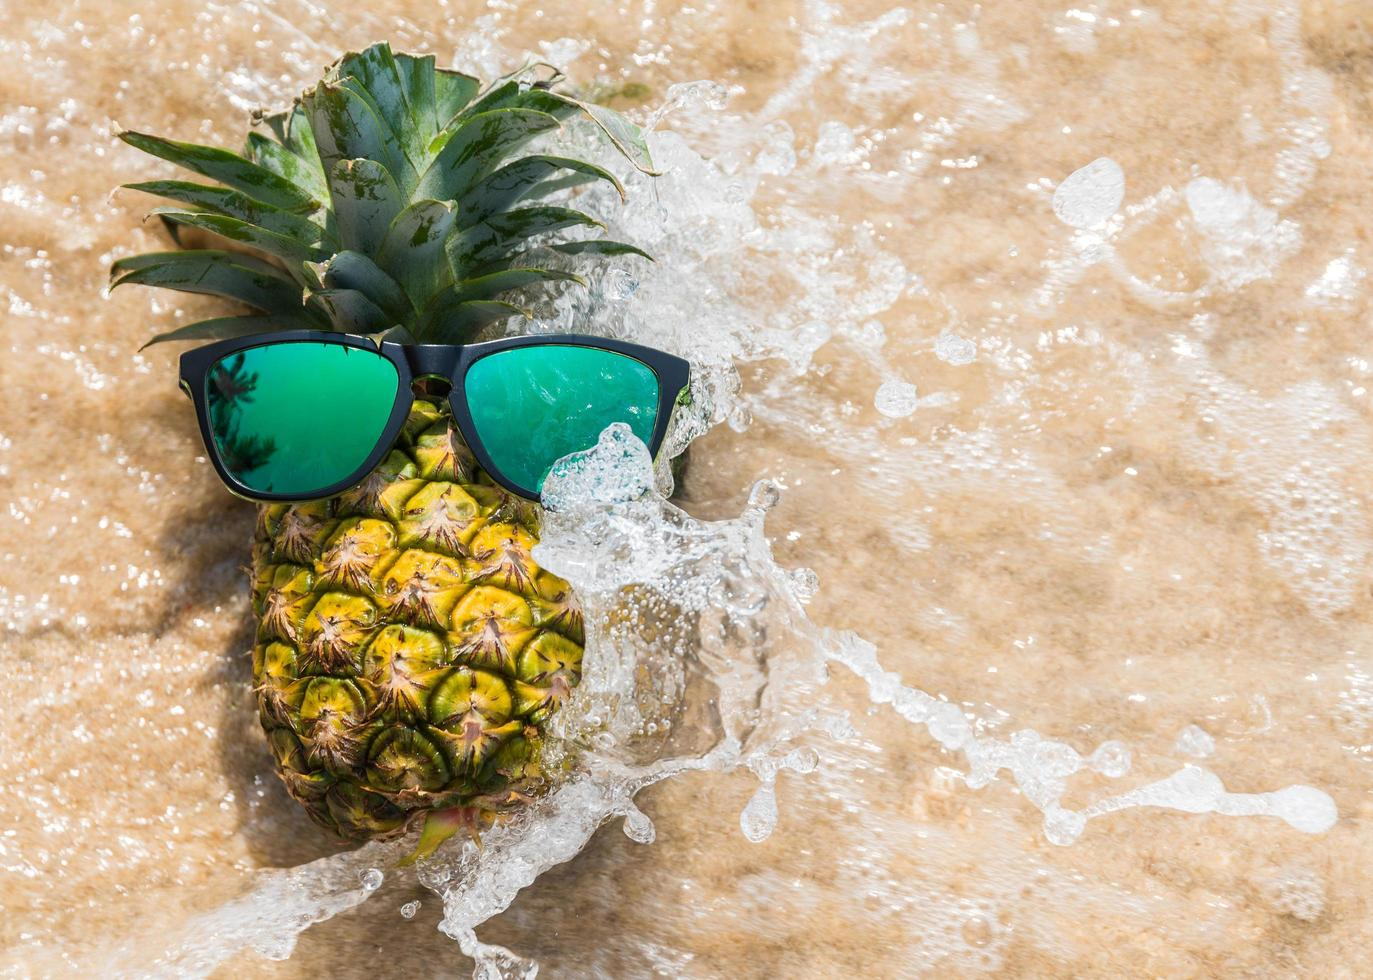 ananas e occhiali da sole schizzati dalle onde foto